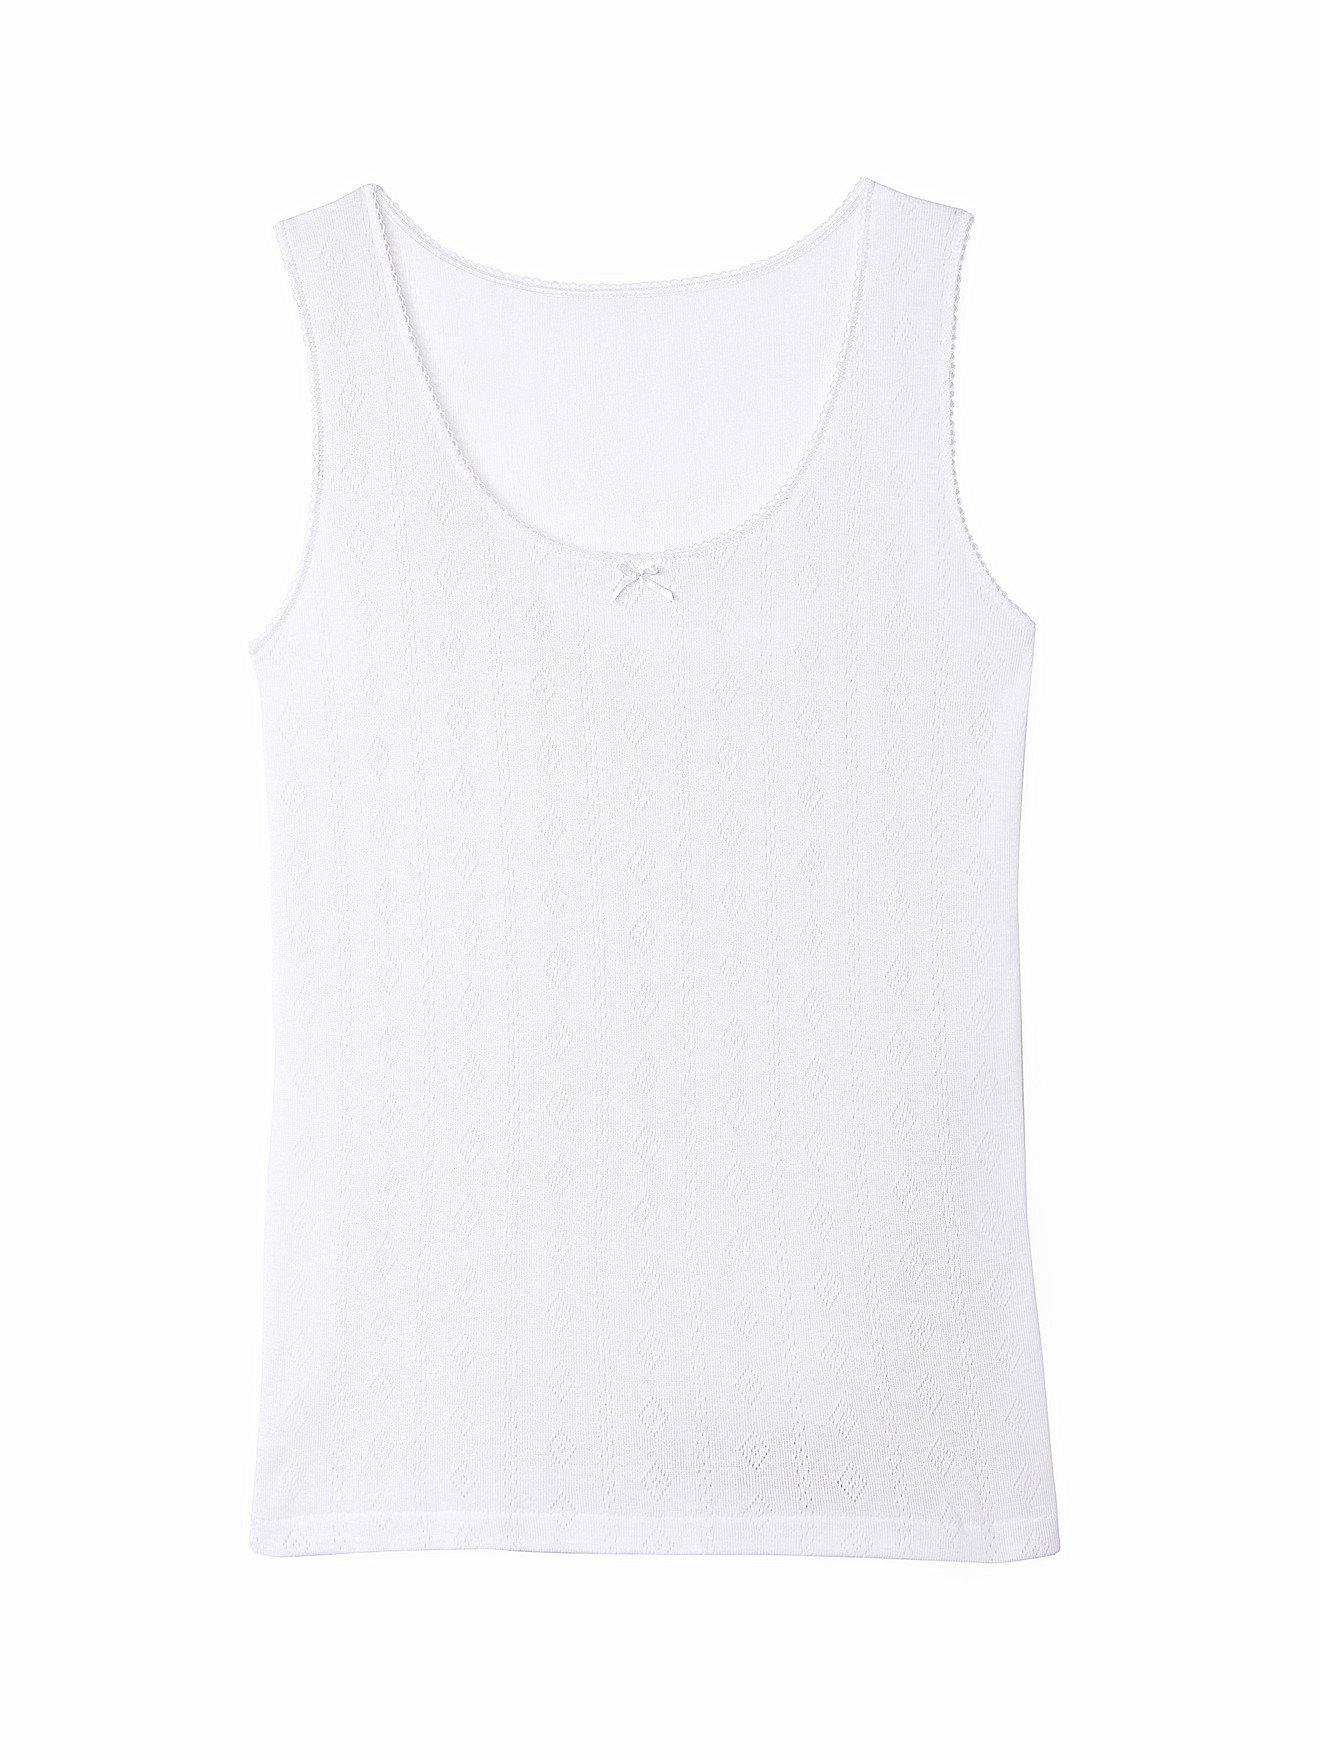 BALSAMIK Chemises de corps Blanc Taille : 38/40